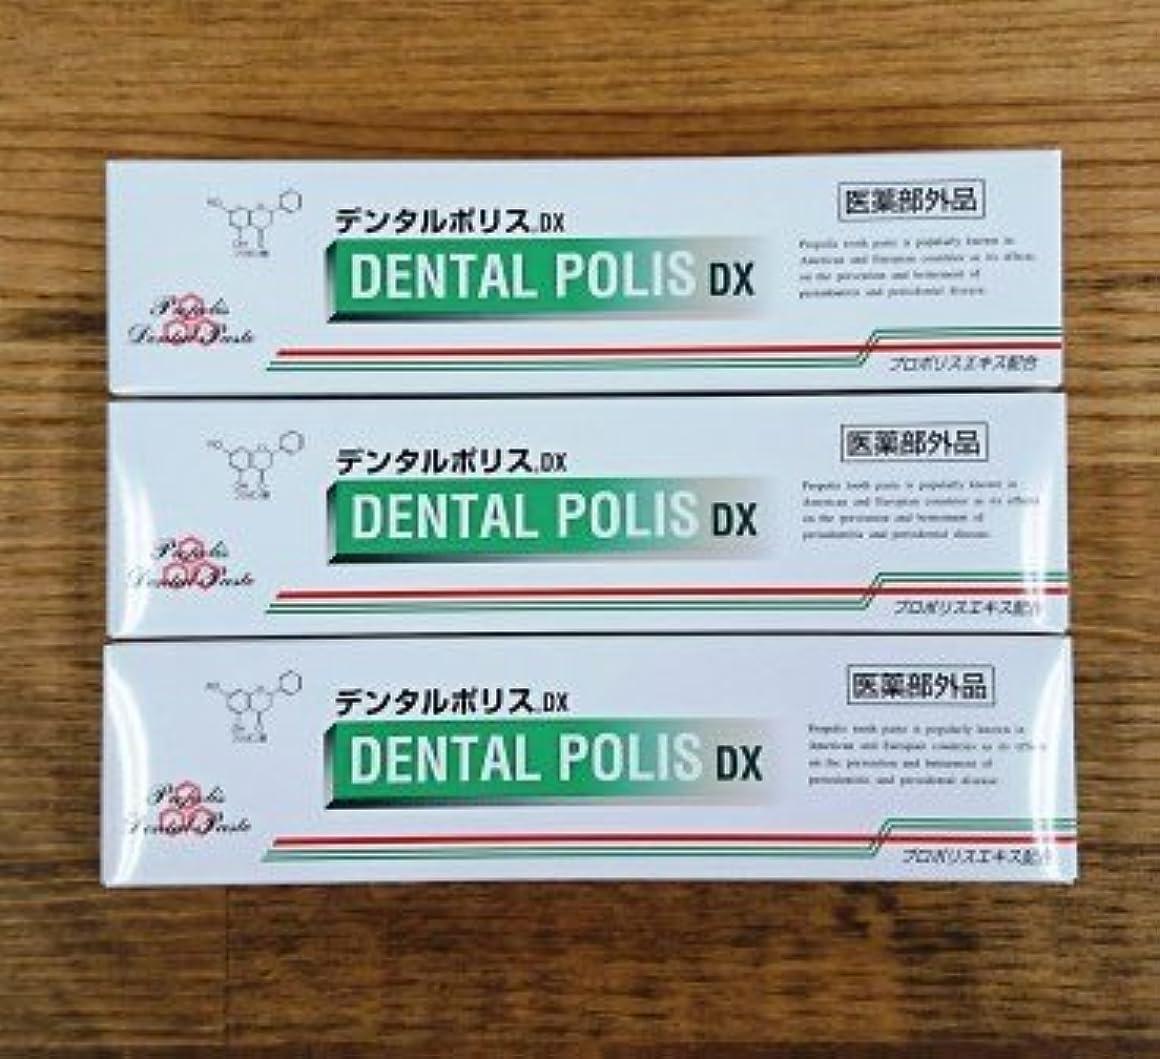 ジュースガイドライン調和デンタルポリスDX80g×3本セット 医薬部外品  歯みがき